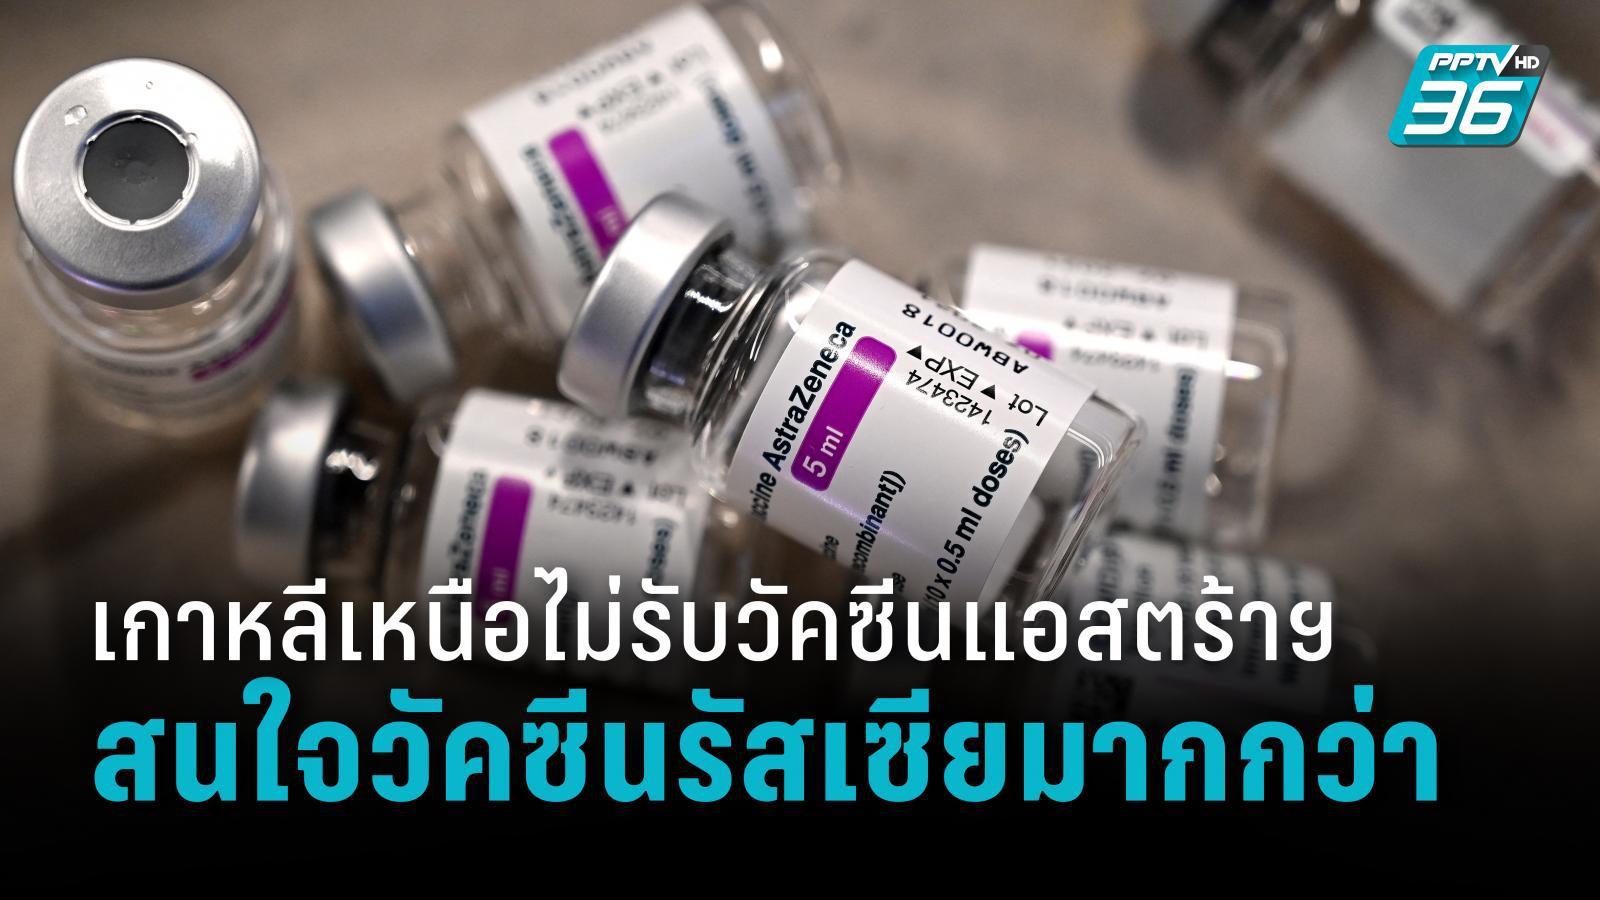 เกาหลีเหนือไม่รับวัคซีนโควิด-19 แอสตร้าเซเนก้า เหตุกังวลผลข้างเคียง